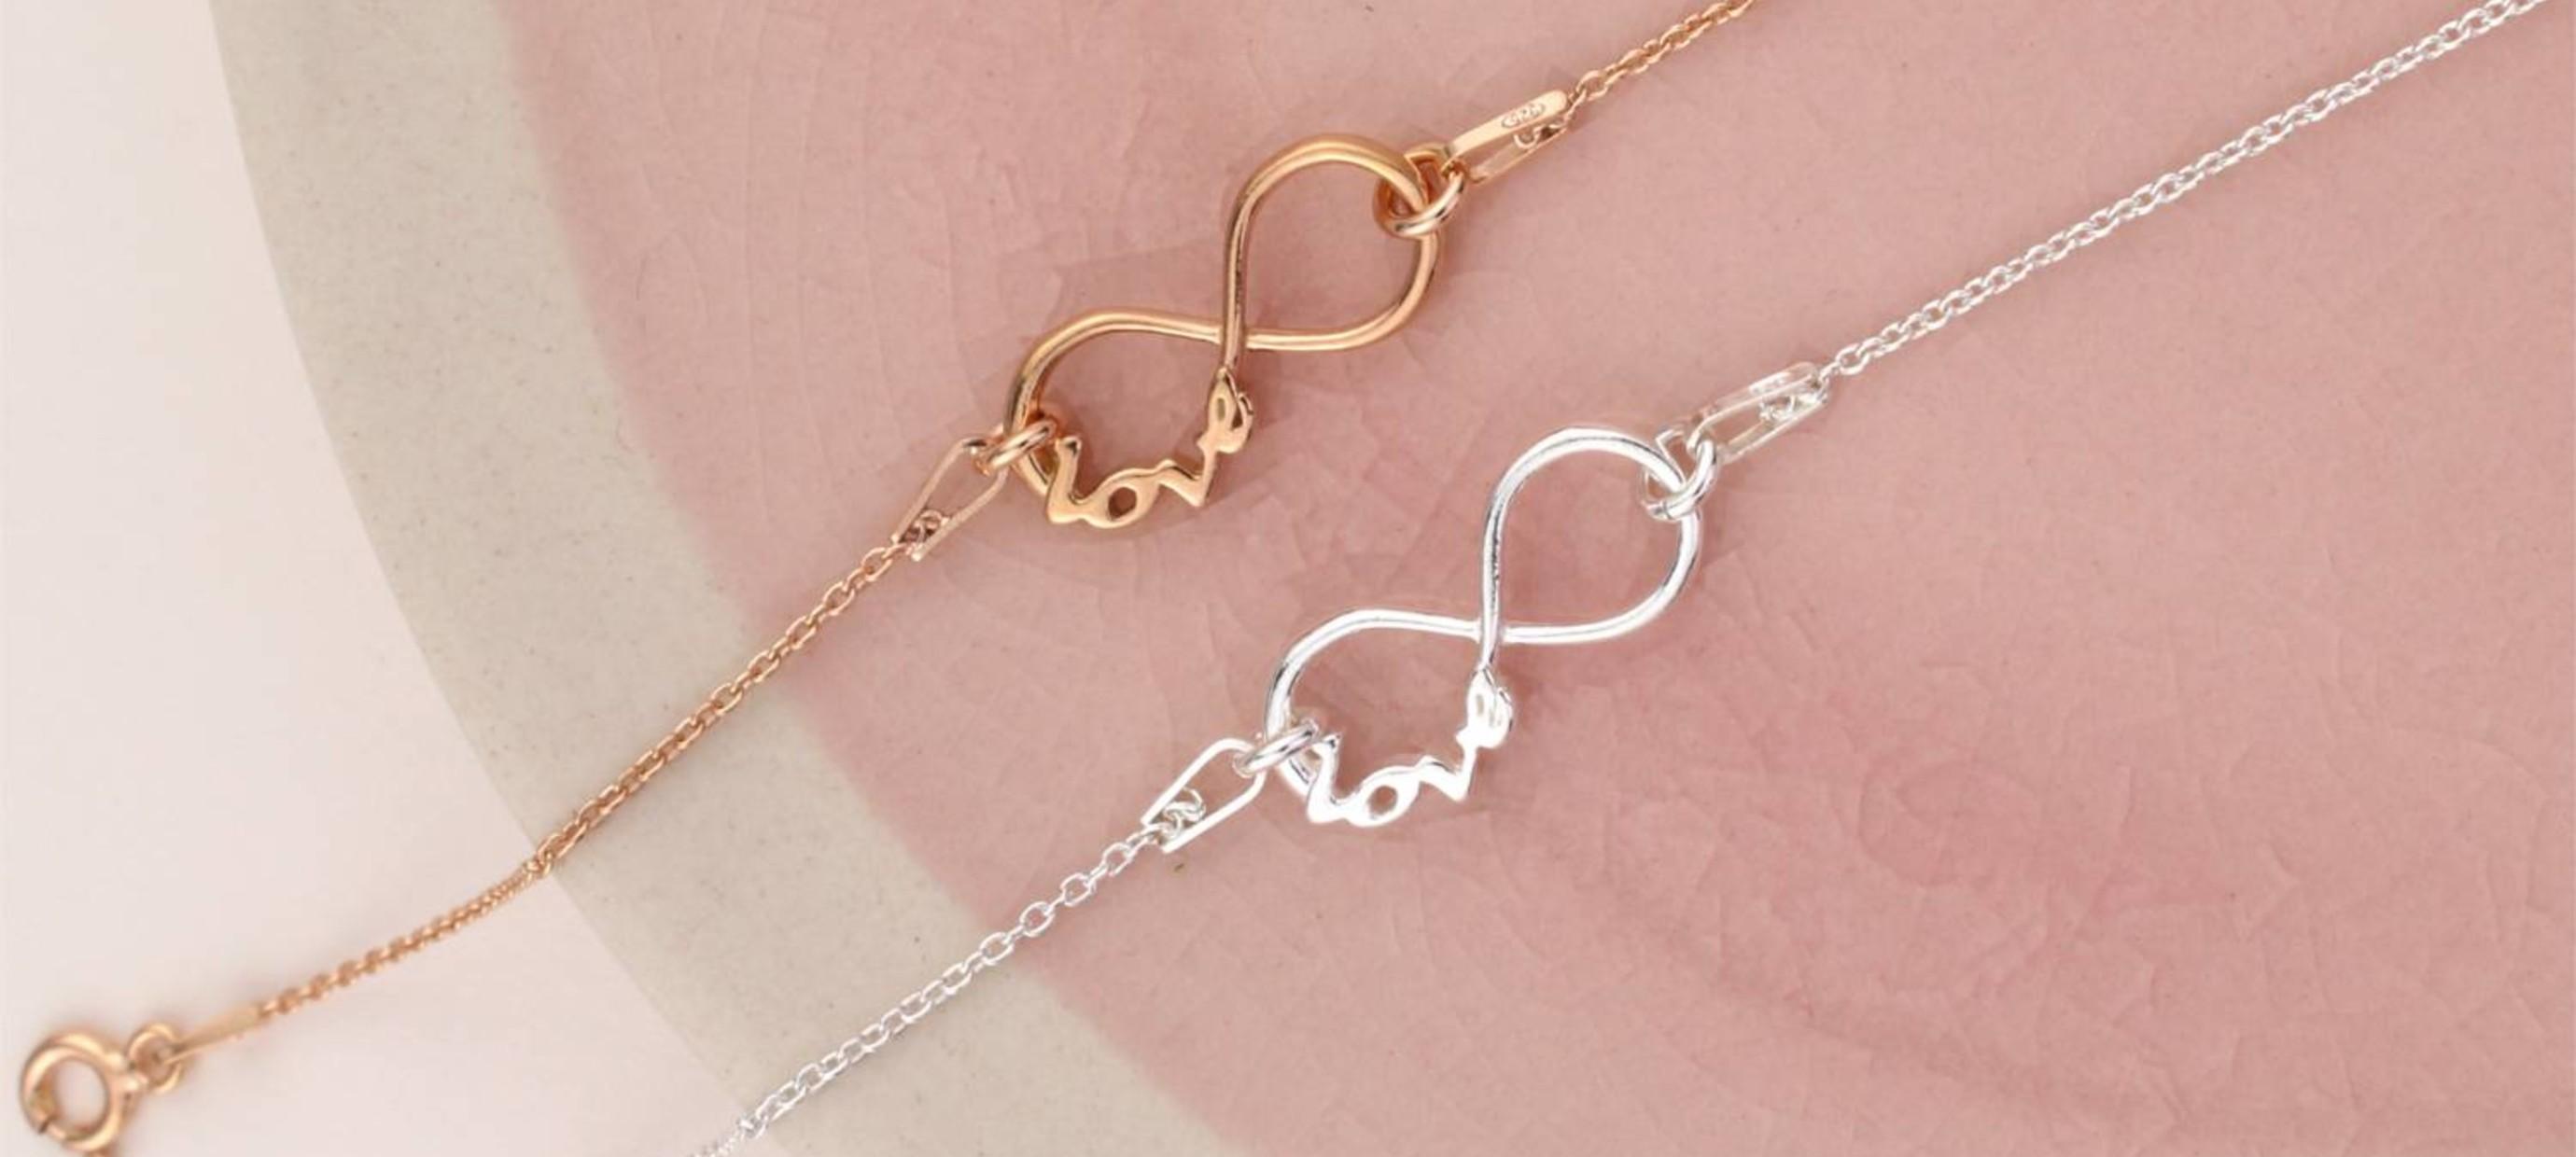 Infinity sieraden - symbool voor eeuwige liefde